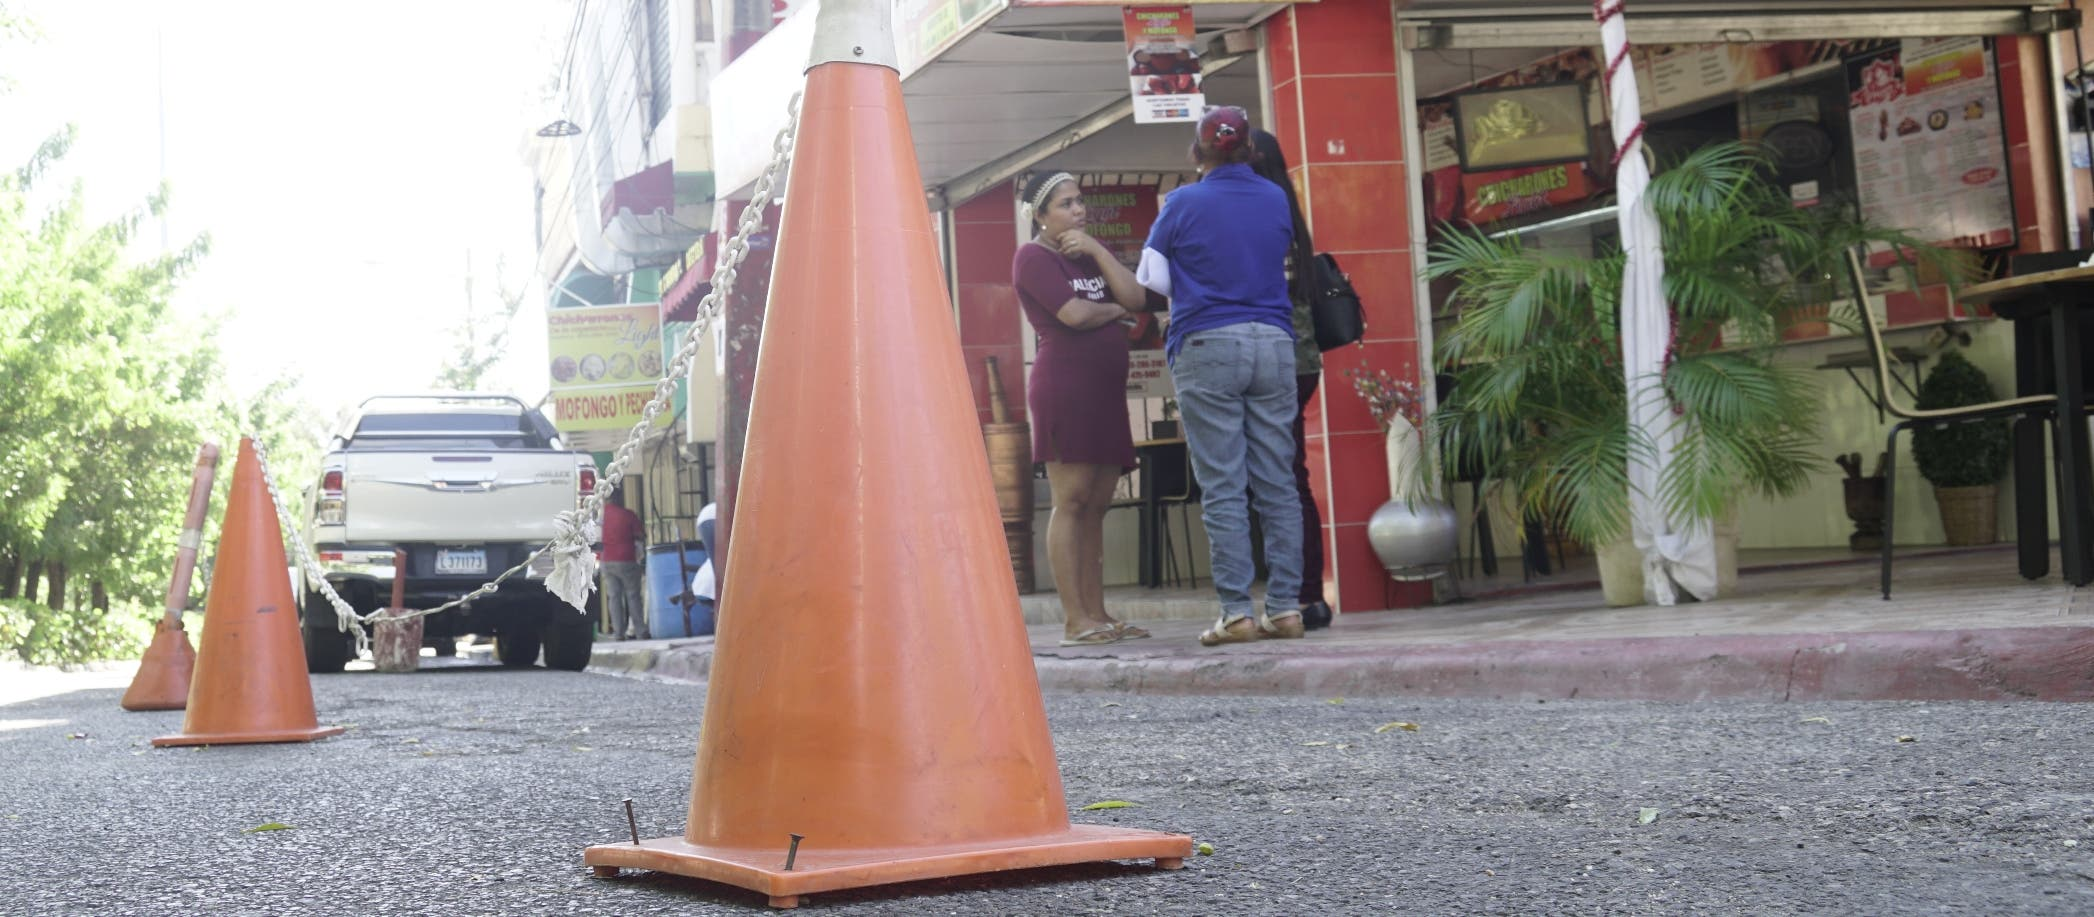 Negocios y buscones se adueñan de las calles; marcan un límite de propiedad